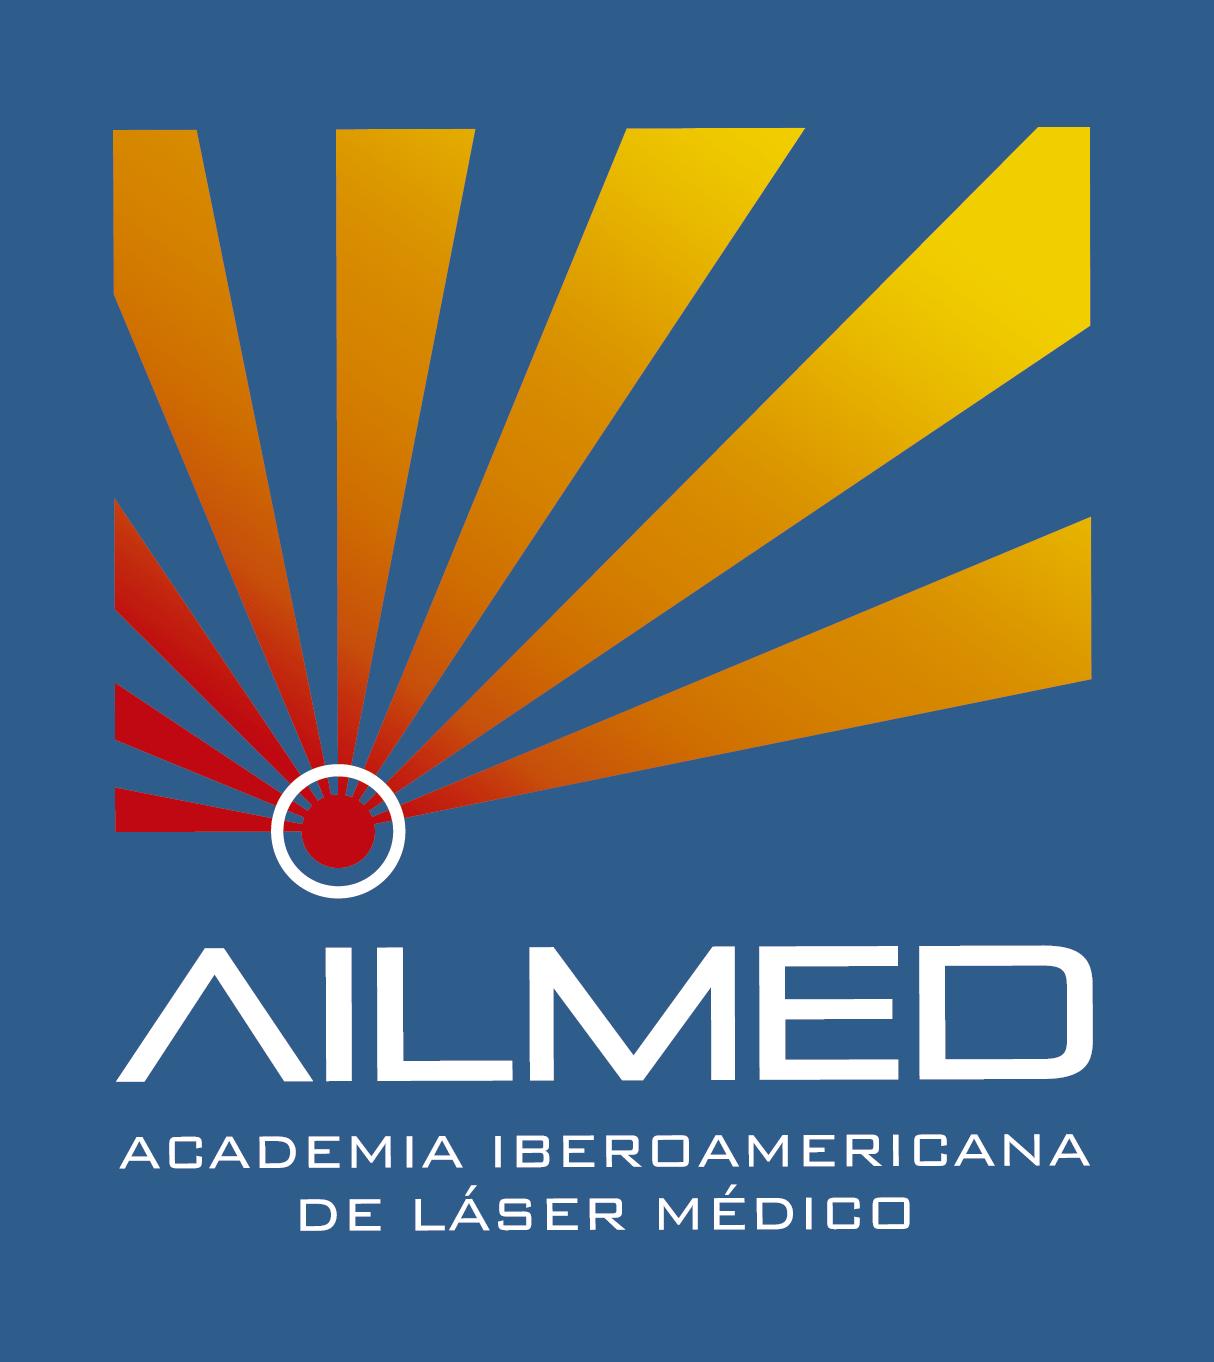 AILMED